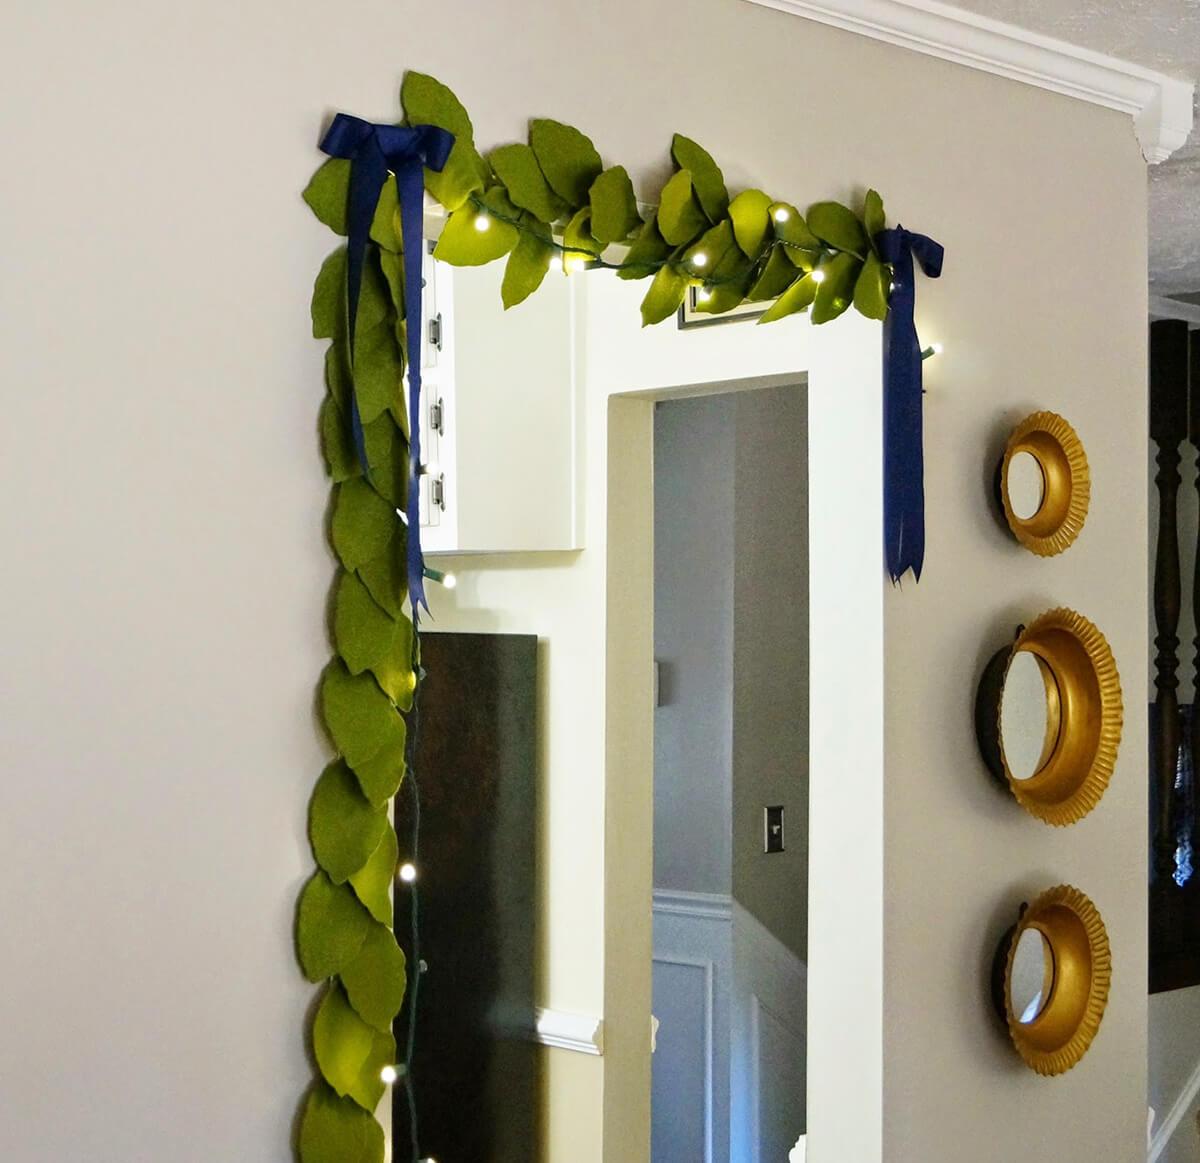 27 entzückende DIY Garland Decor Ideen, die Sie leicht selbst machen können